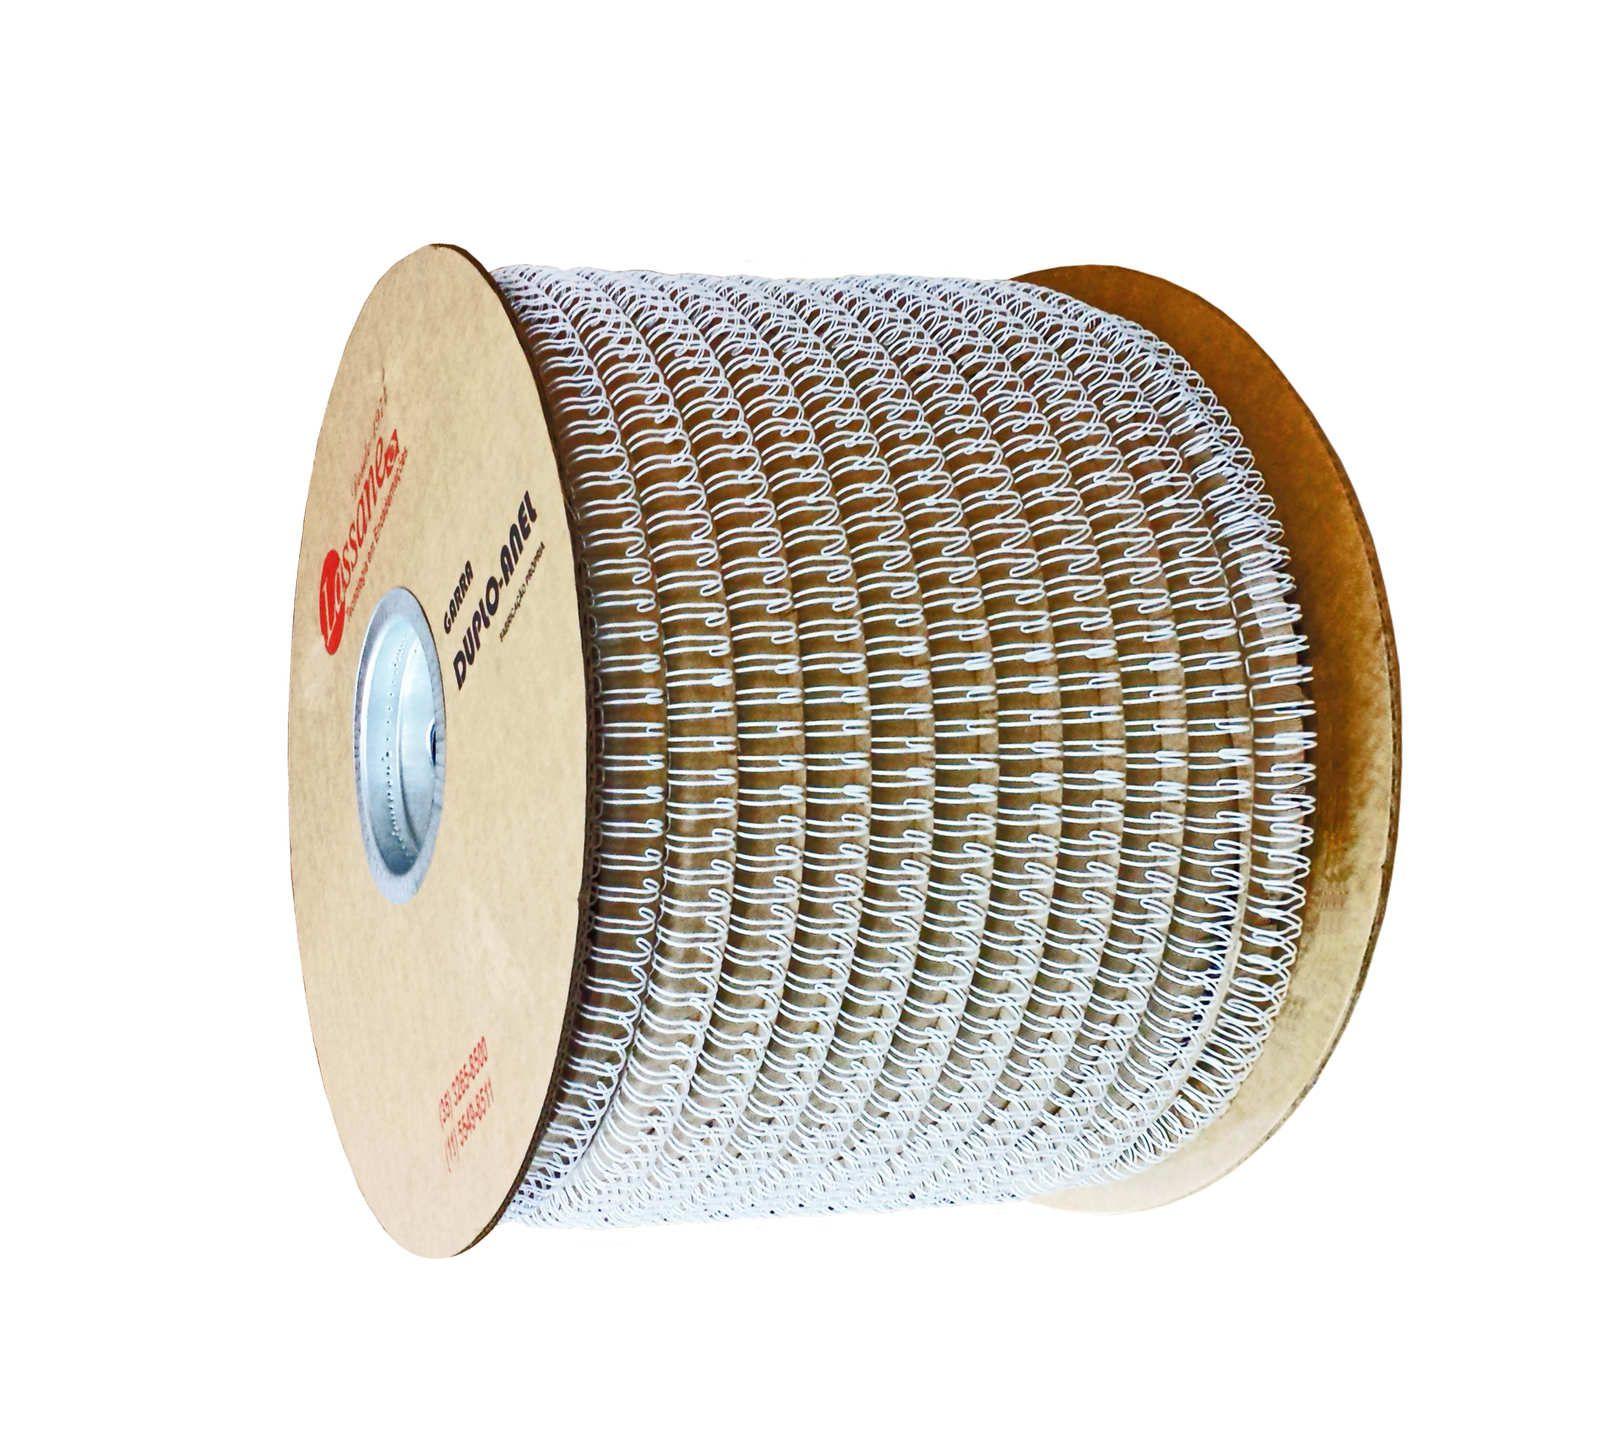 Bobina de Garras de Duplo Anel Wire-o 2x1 3/4 140 Folhas Cor Azul